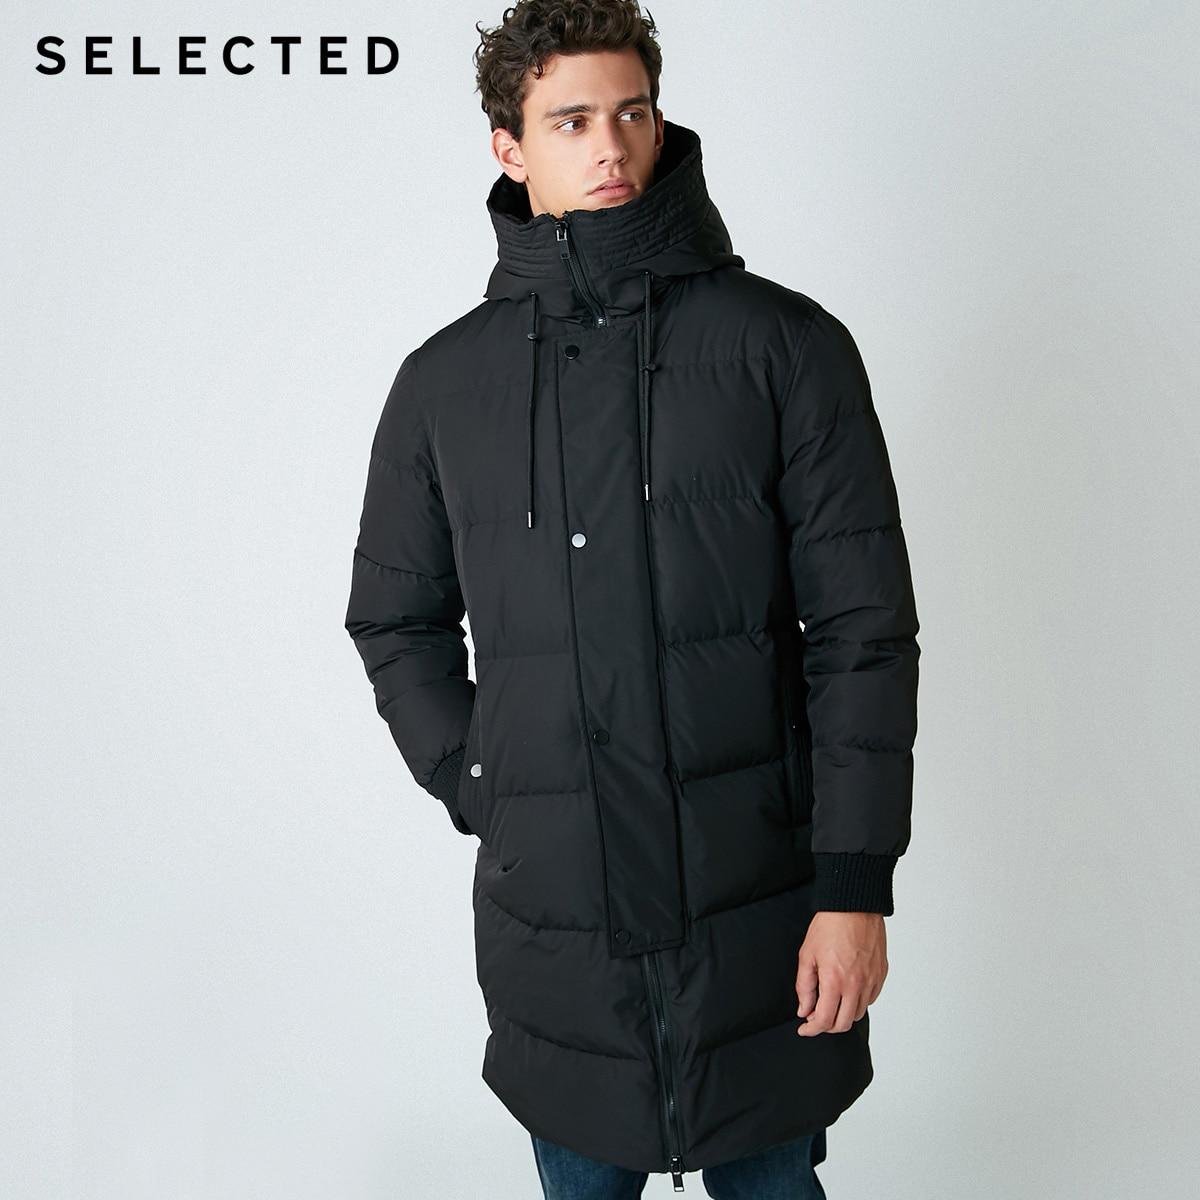 SELECTED nouveau hiver doudoune hommes fermeture éclair et chapeau décontracté moyen et Long manteau costume S   418412503 - 2